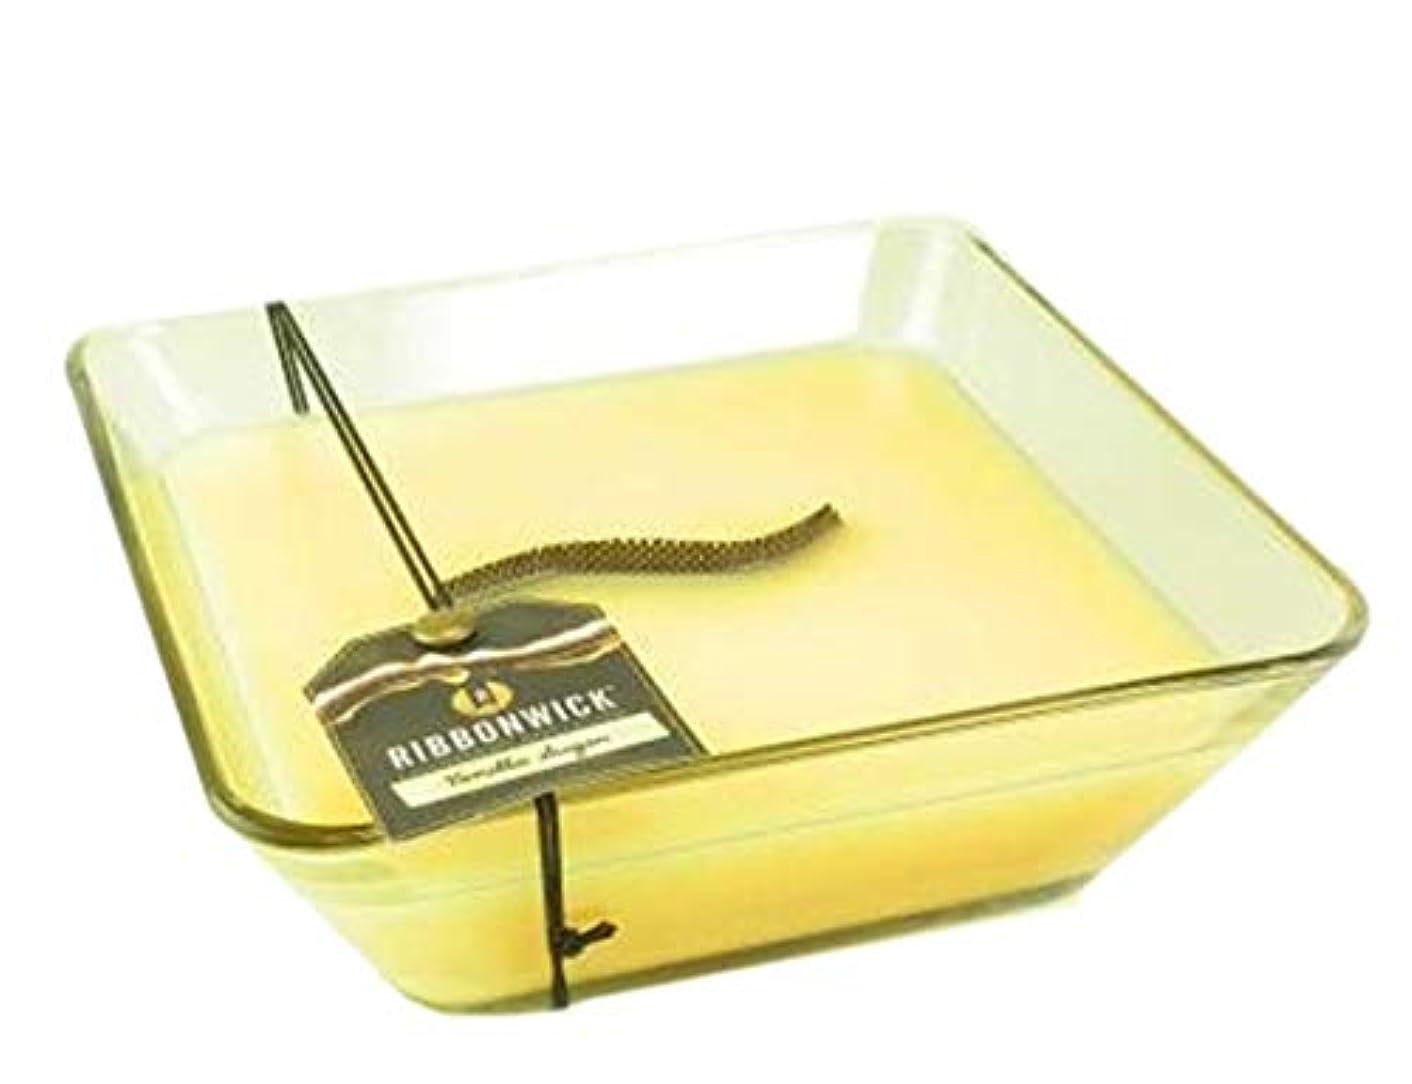 ずるいベット相続人1 xバニラ砂糖装飾ガラス – RibbonWick Scented Candle